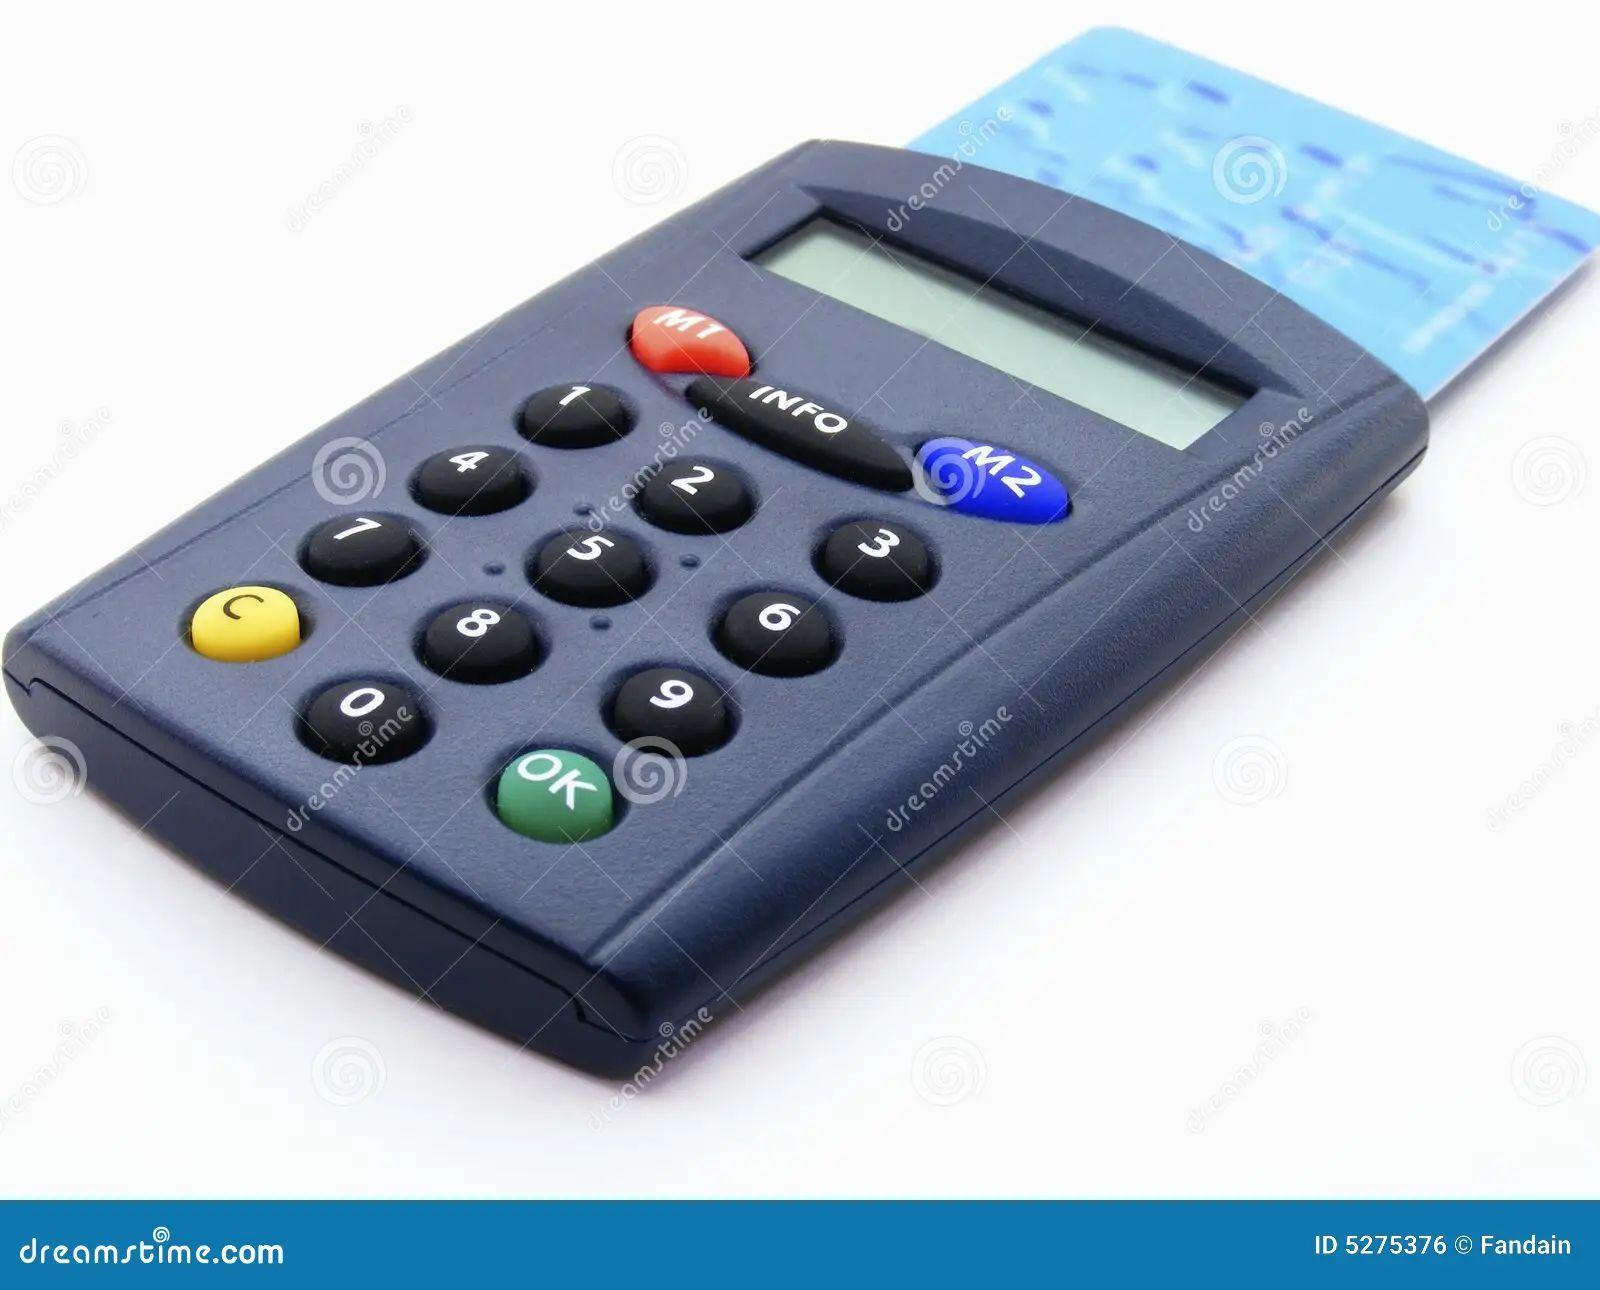 download creditcard